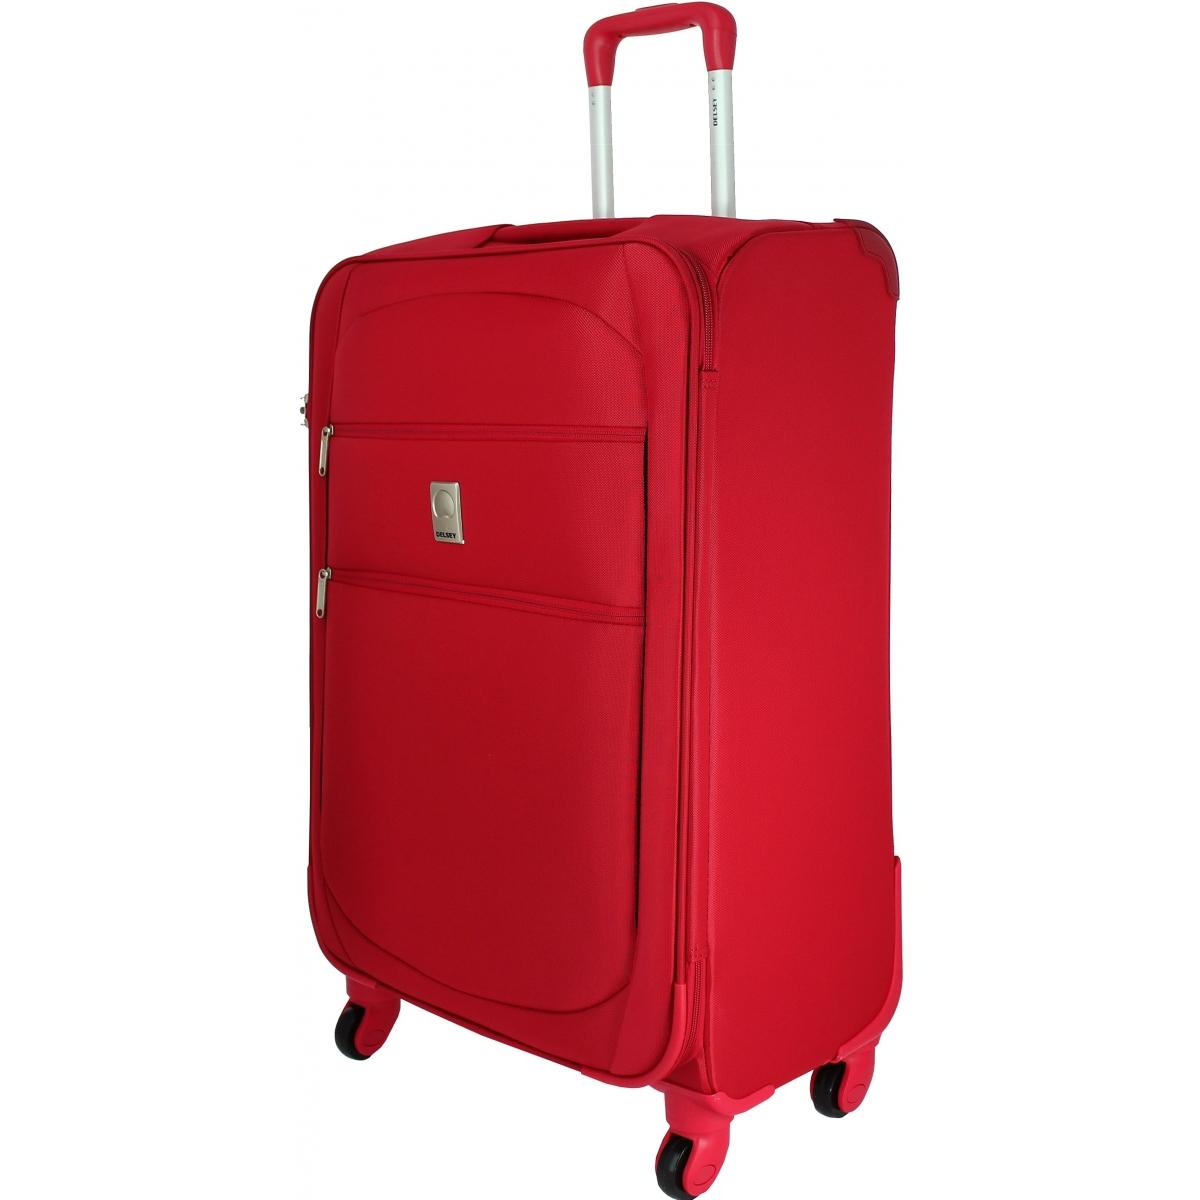 Valise souple tsa delsey trip 78cm trip821 couleur principale rouge v - Valise a prix discount ...